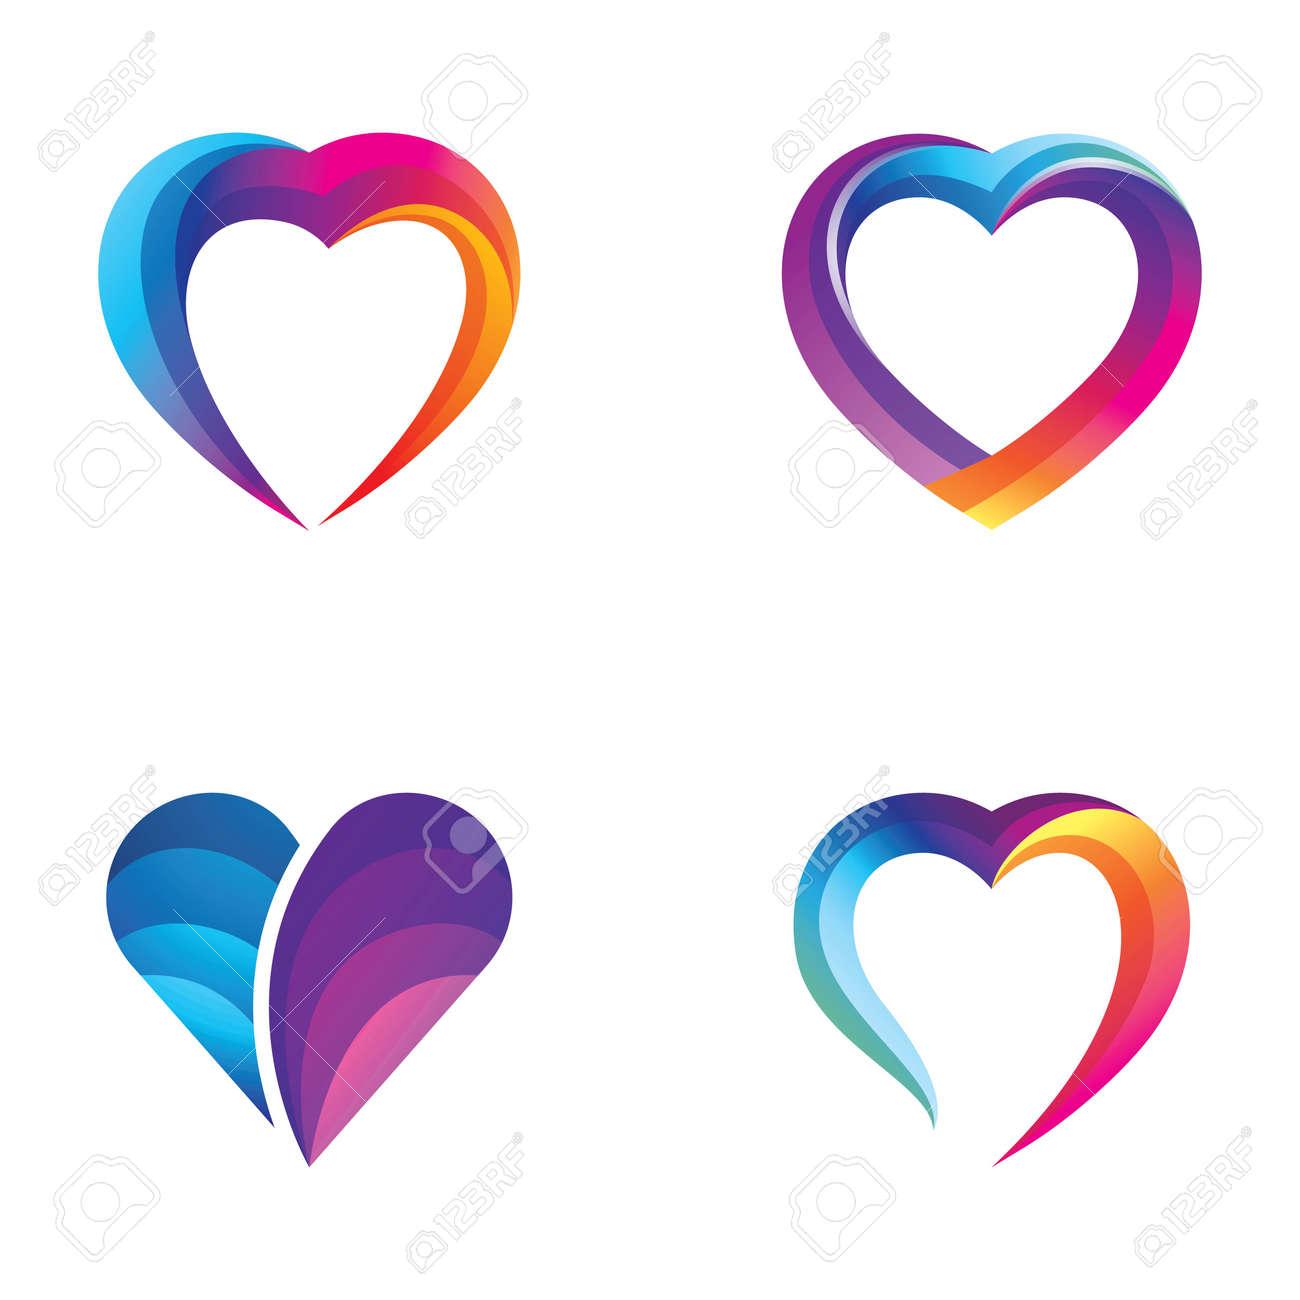 Love logo images illustration design - 167448543